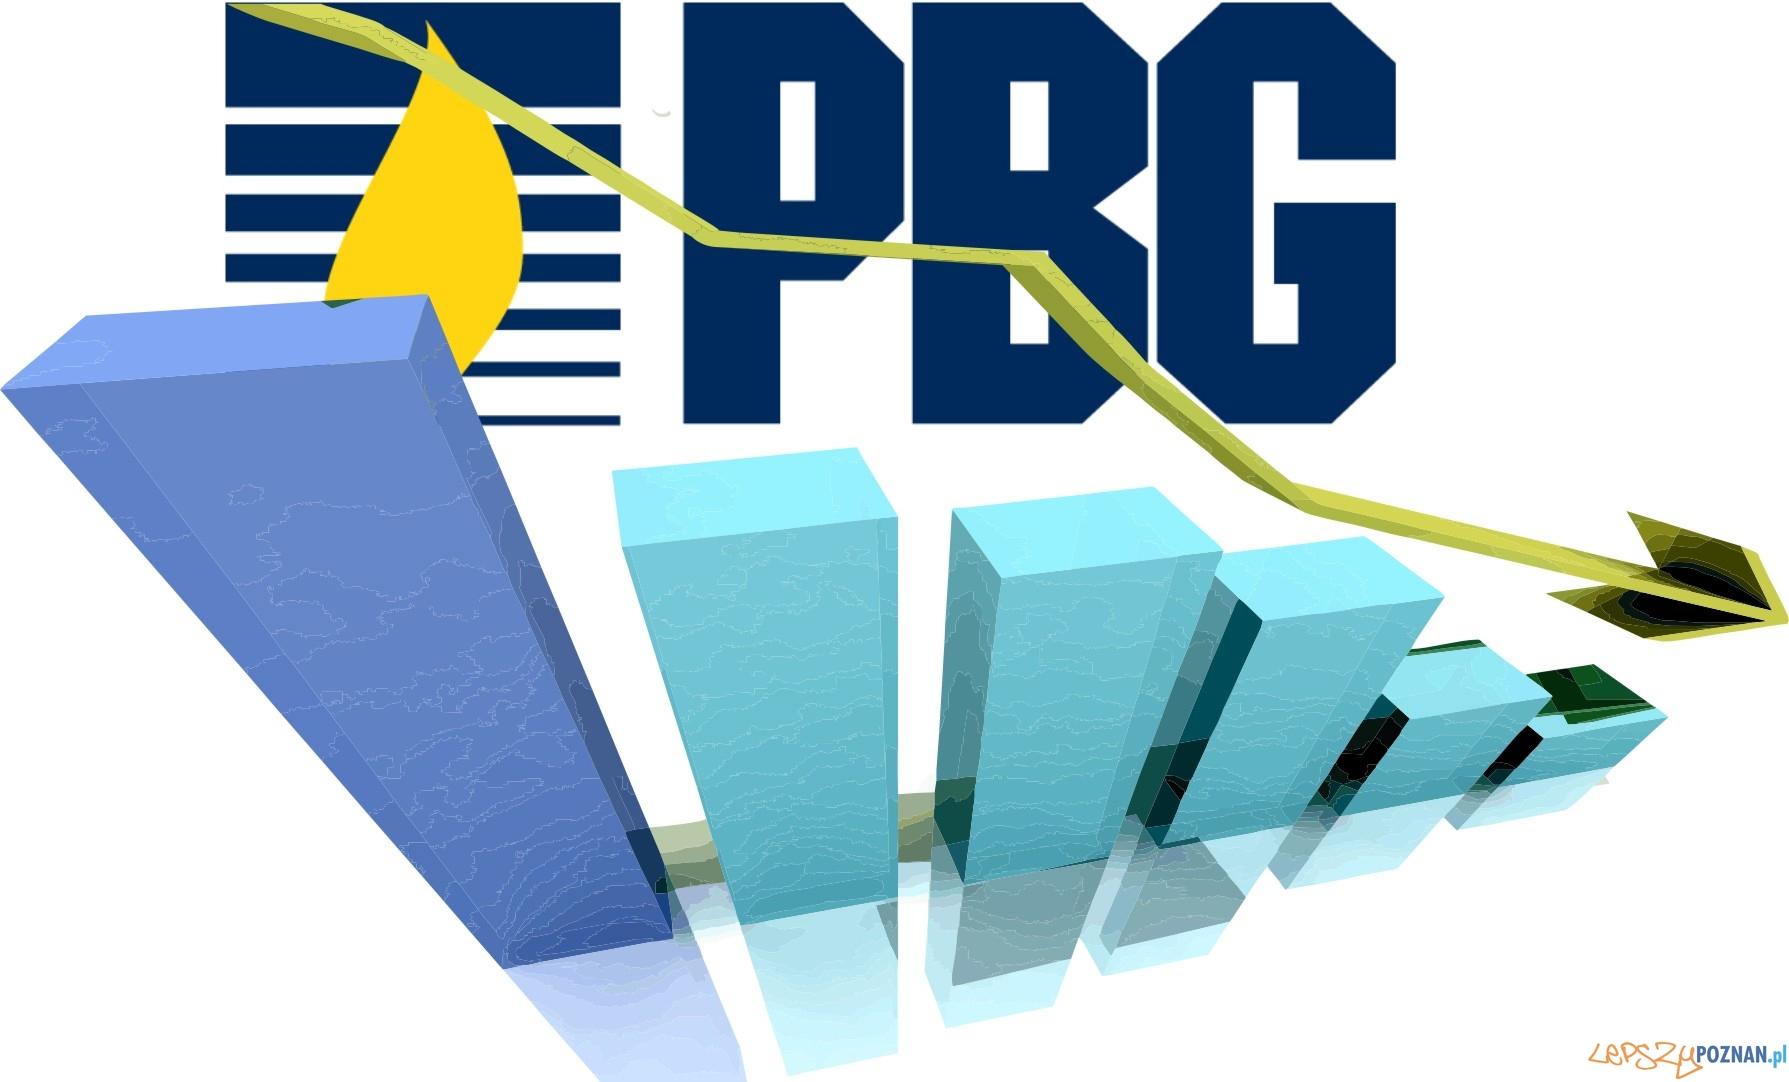 PBG z wnioskiem o upadłość!  Foto: PBG z wnioskiem o upadłość!